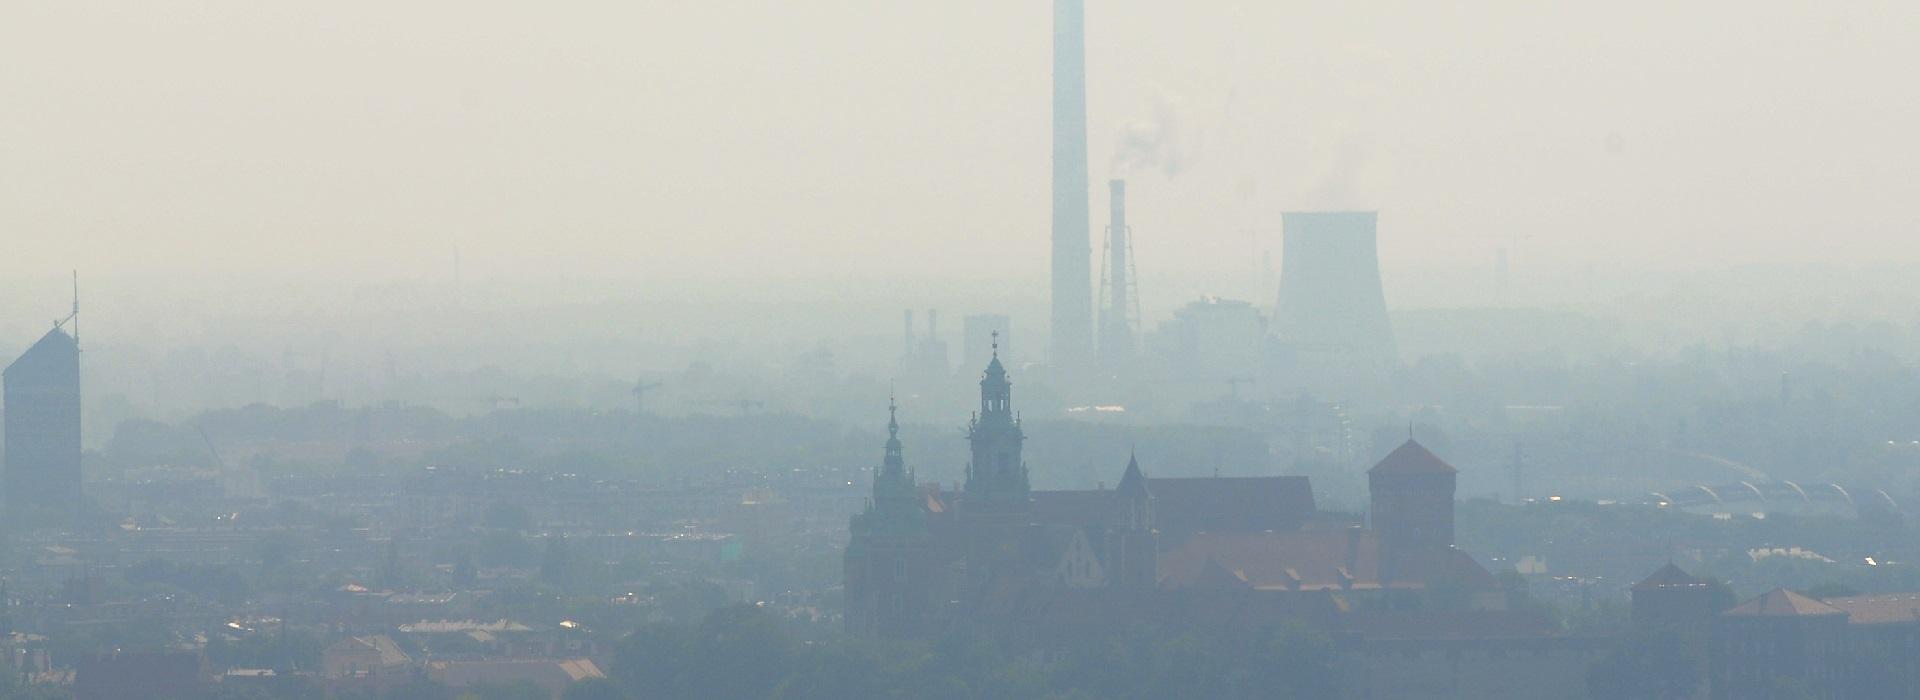 Kraków na drugim miejscu spośród miast z największym smogiem